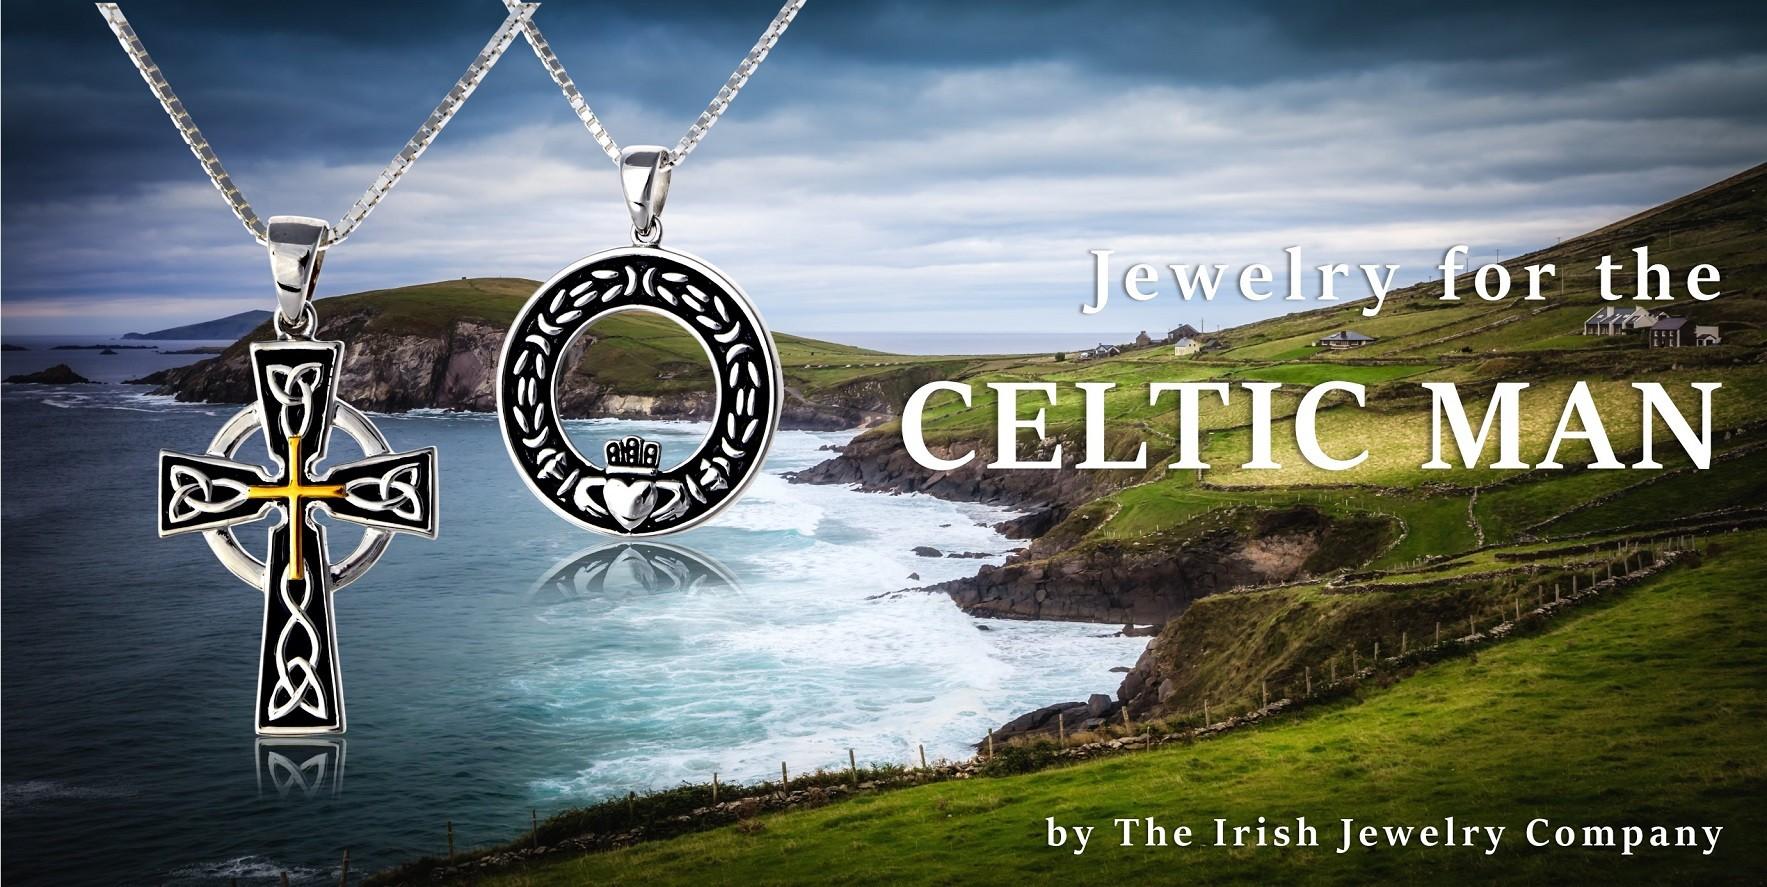 Irish Jewelry Store - The Irish Jewelry Company